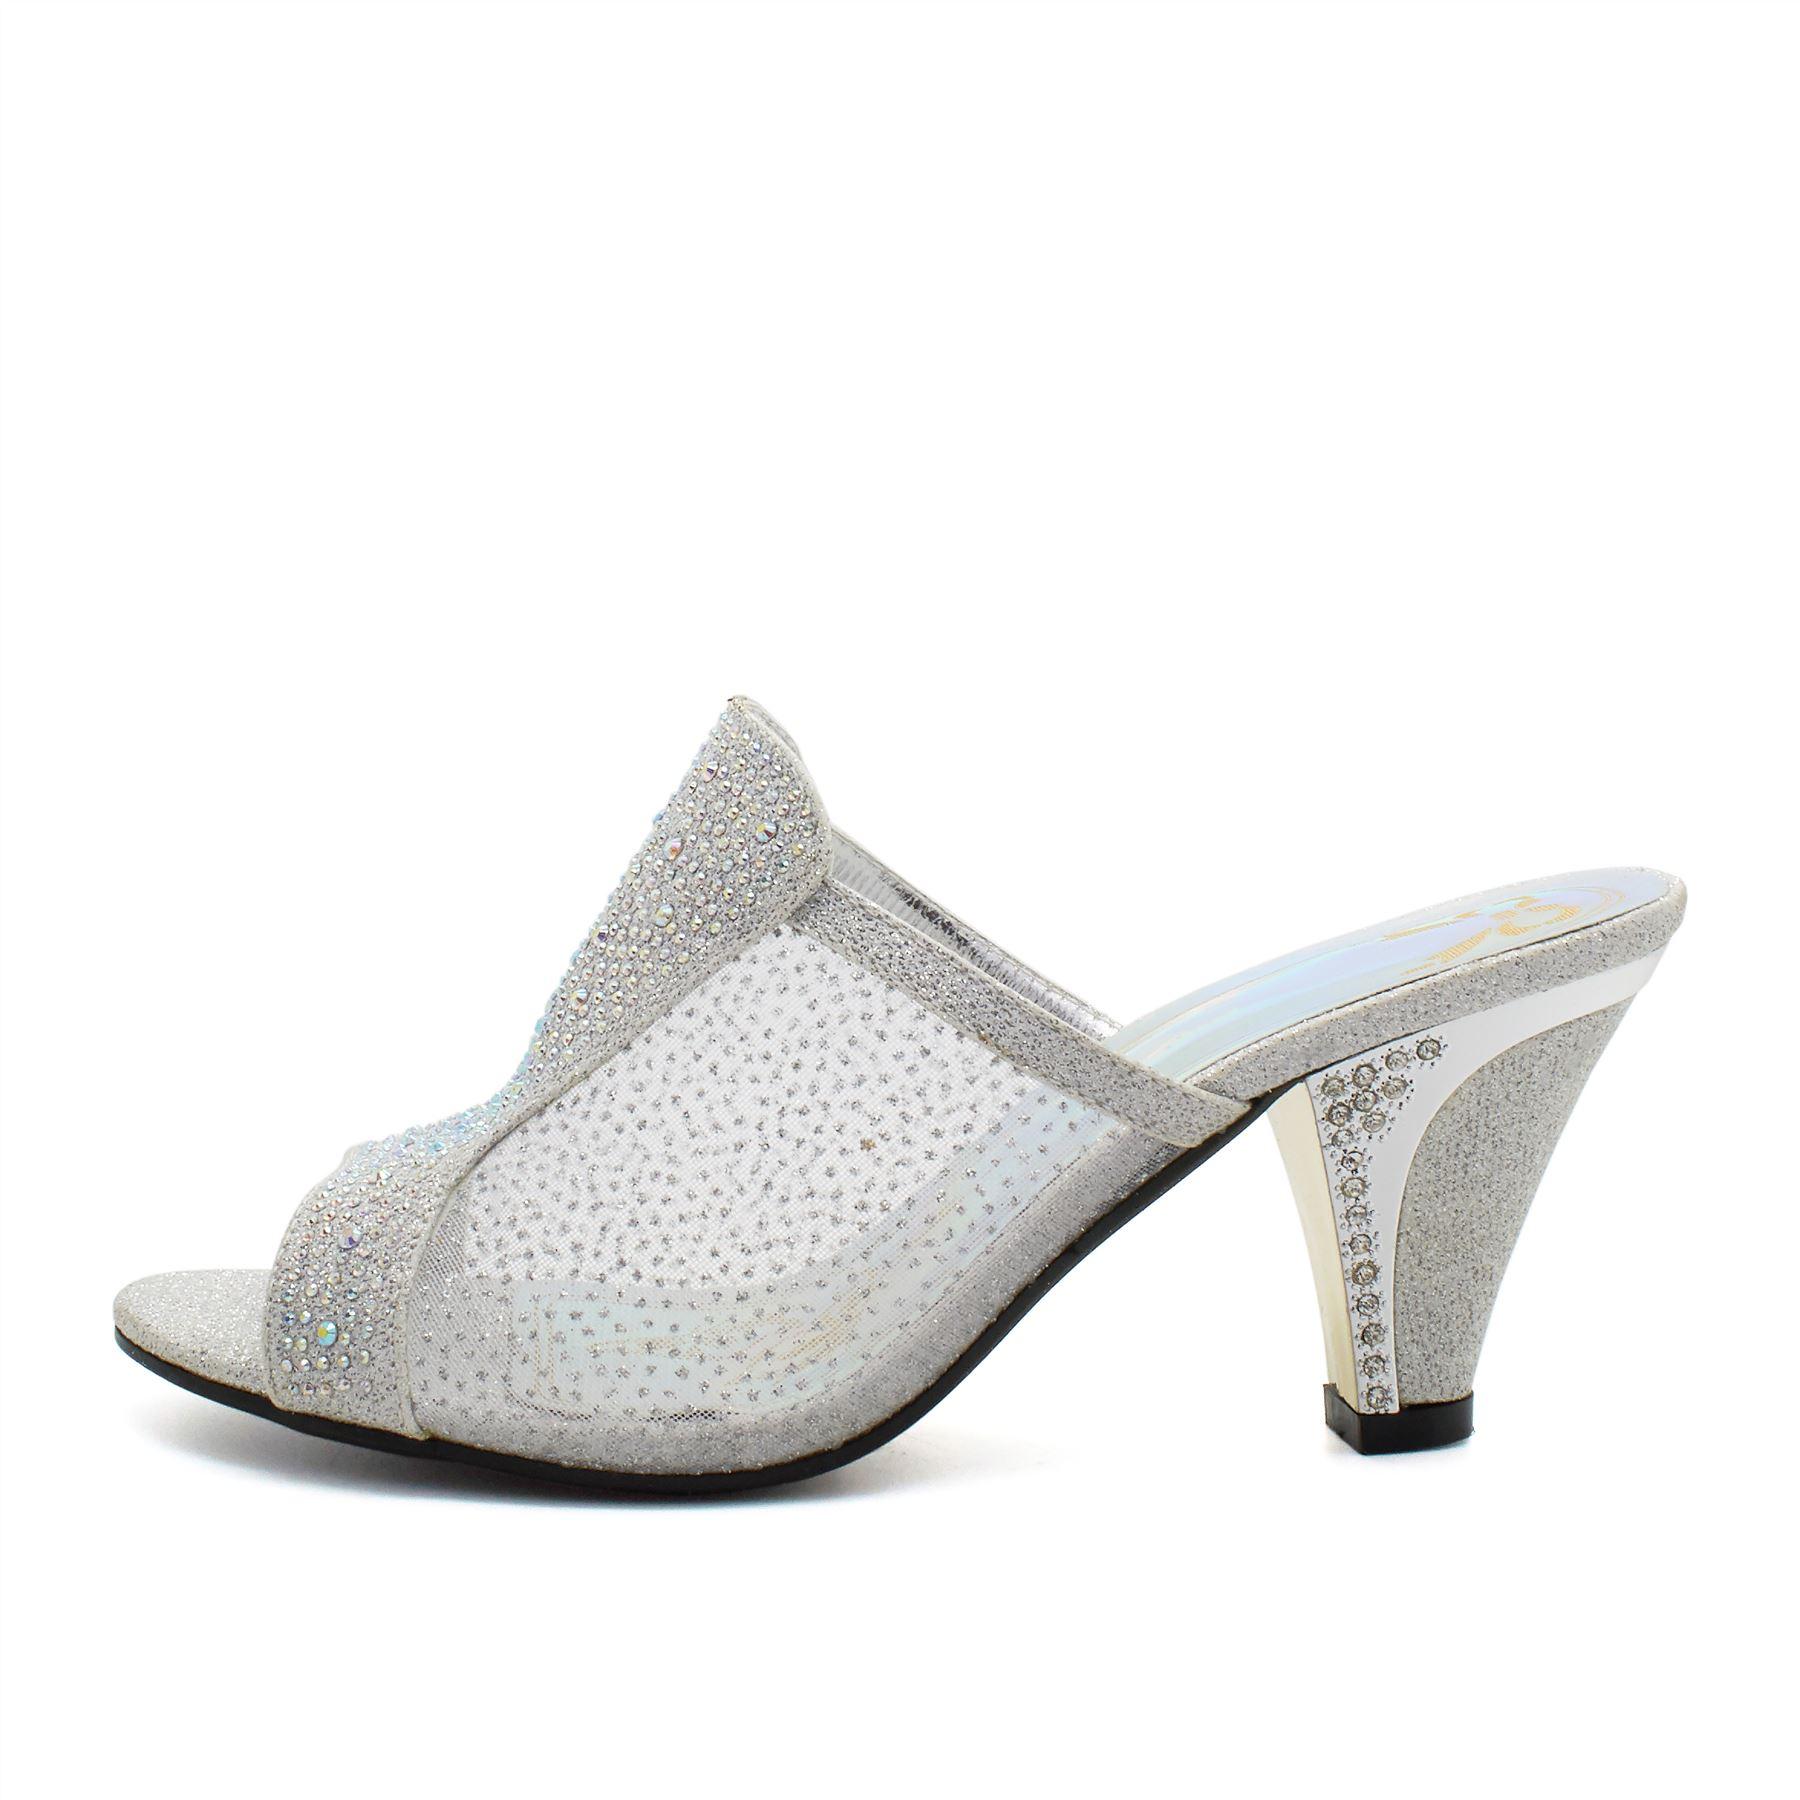 Womens Low Mid Kitten Heels Diamante Sandals Ladies Bridal